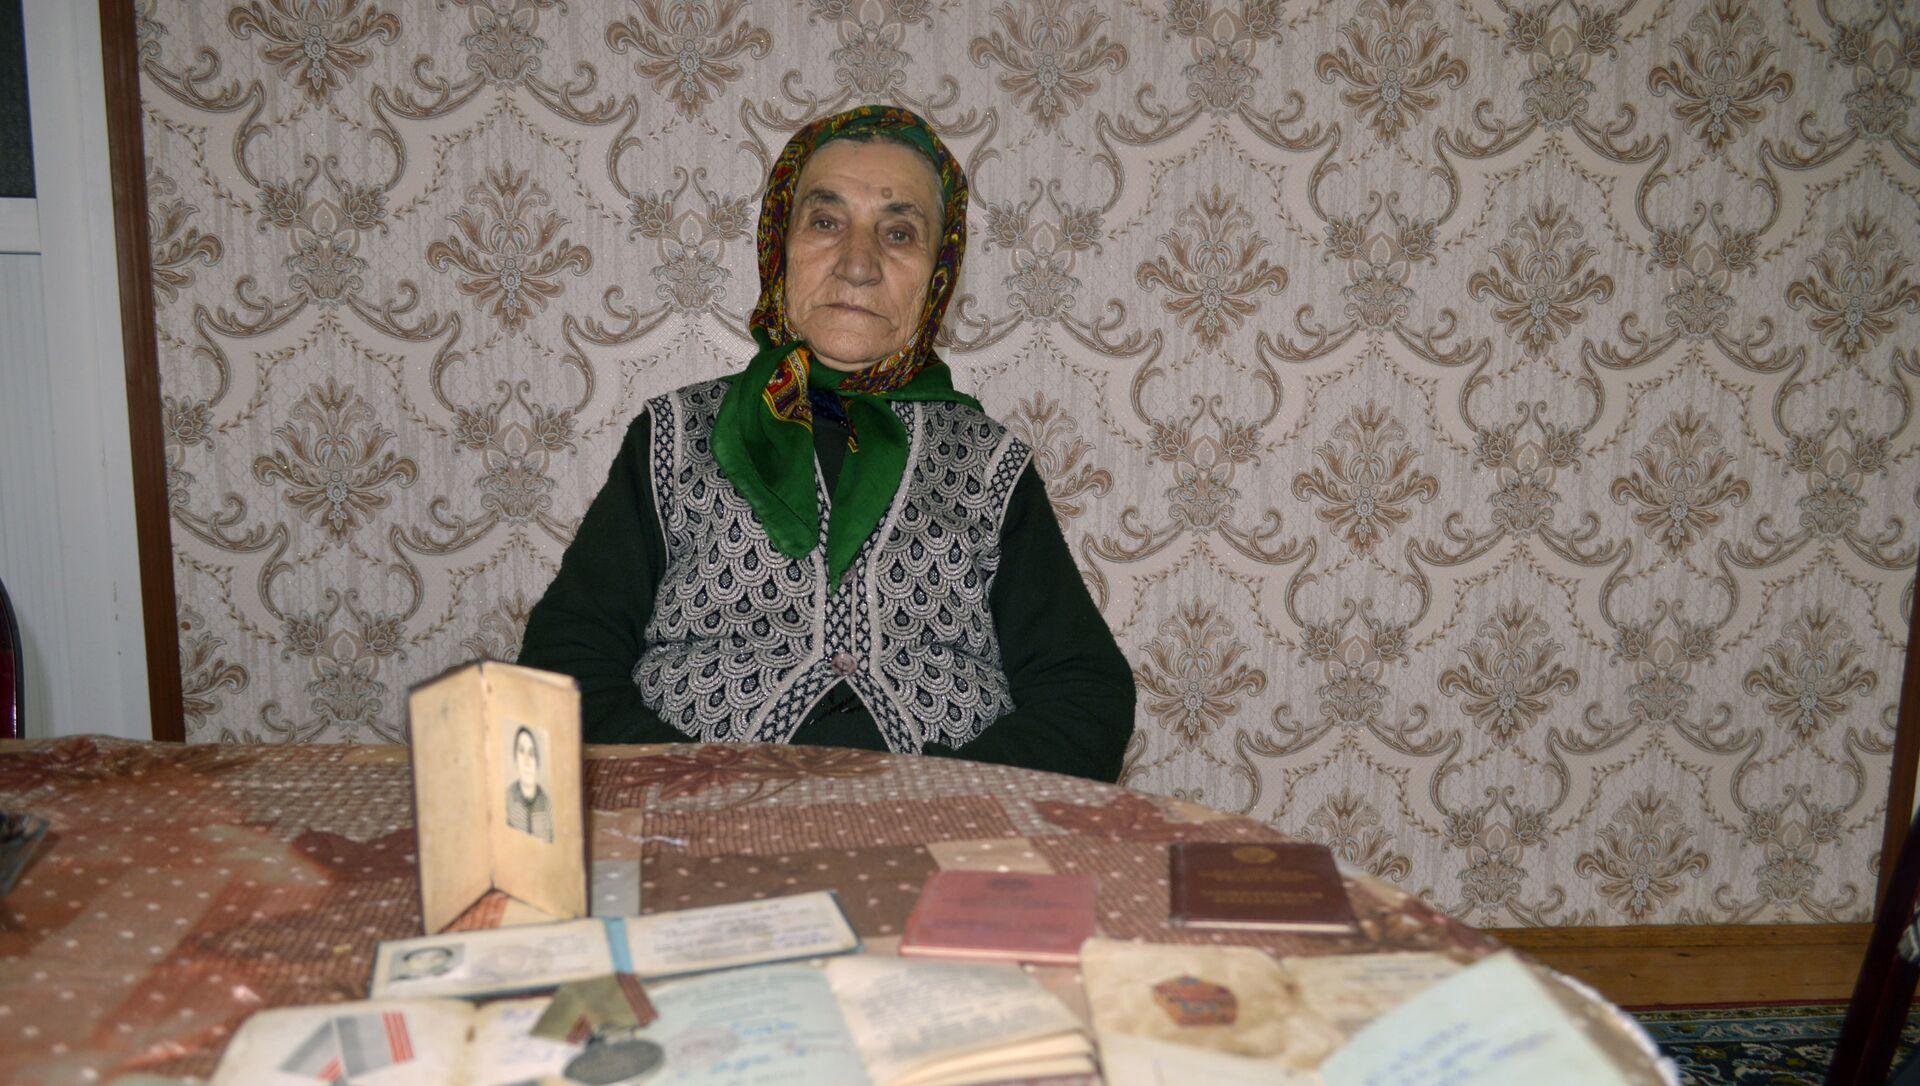 Astaranın Şiyəkəran kəndinin 83 yaşlı sakini Rəfiqə Musa qızı Qəhrəmanova  - Sputnik Азербайджан, 1920, 08.03.2021